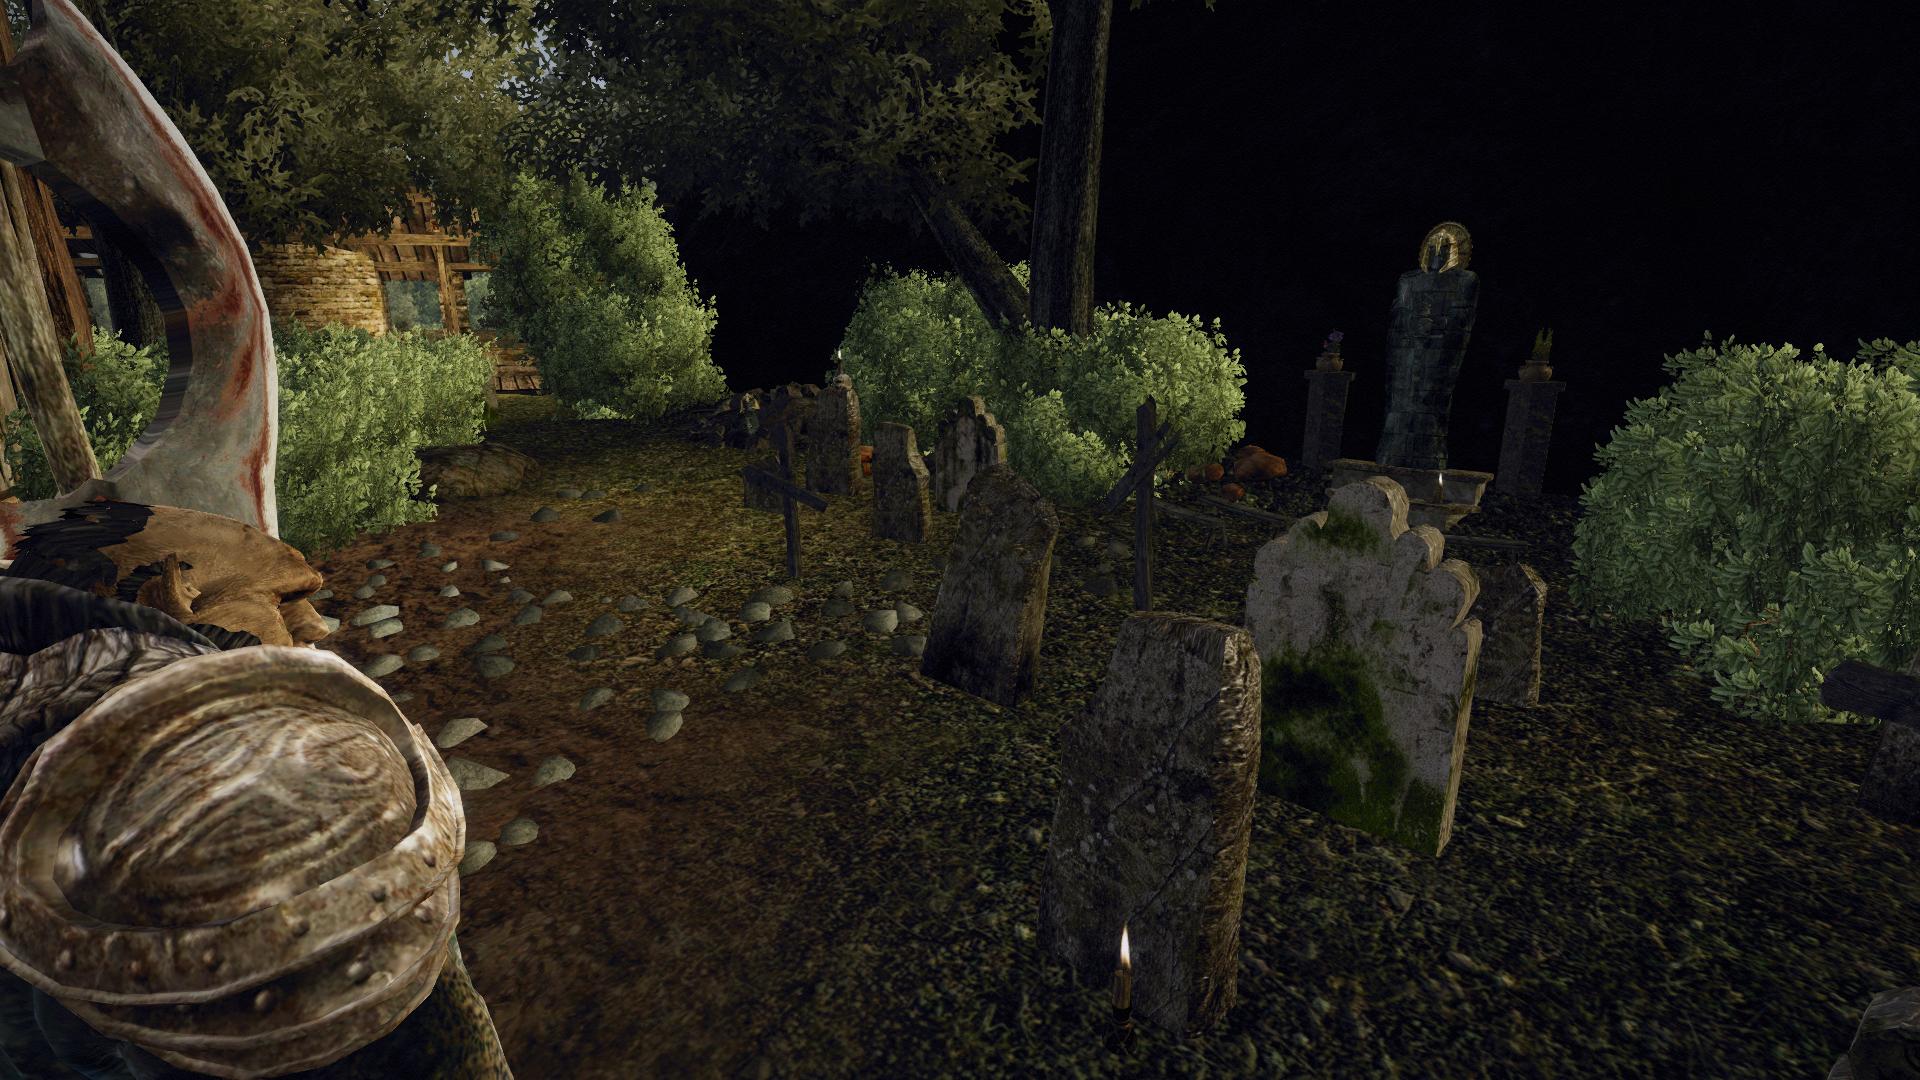 Friedhof_Geldern_02